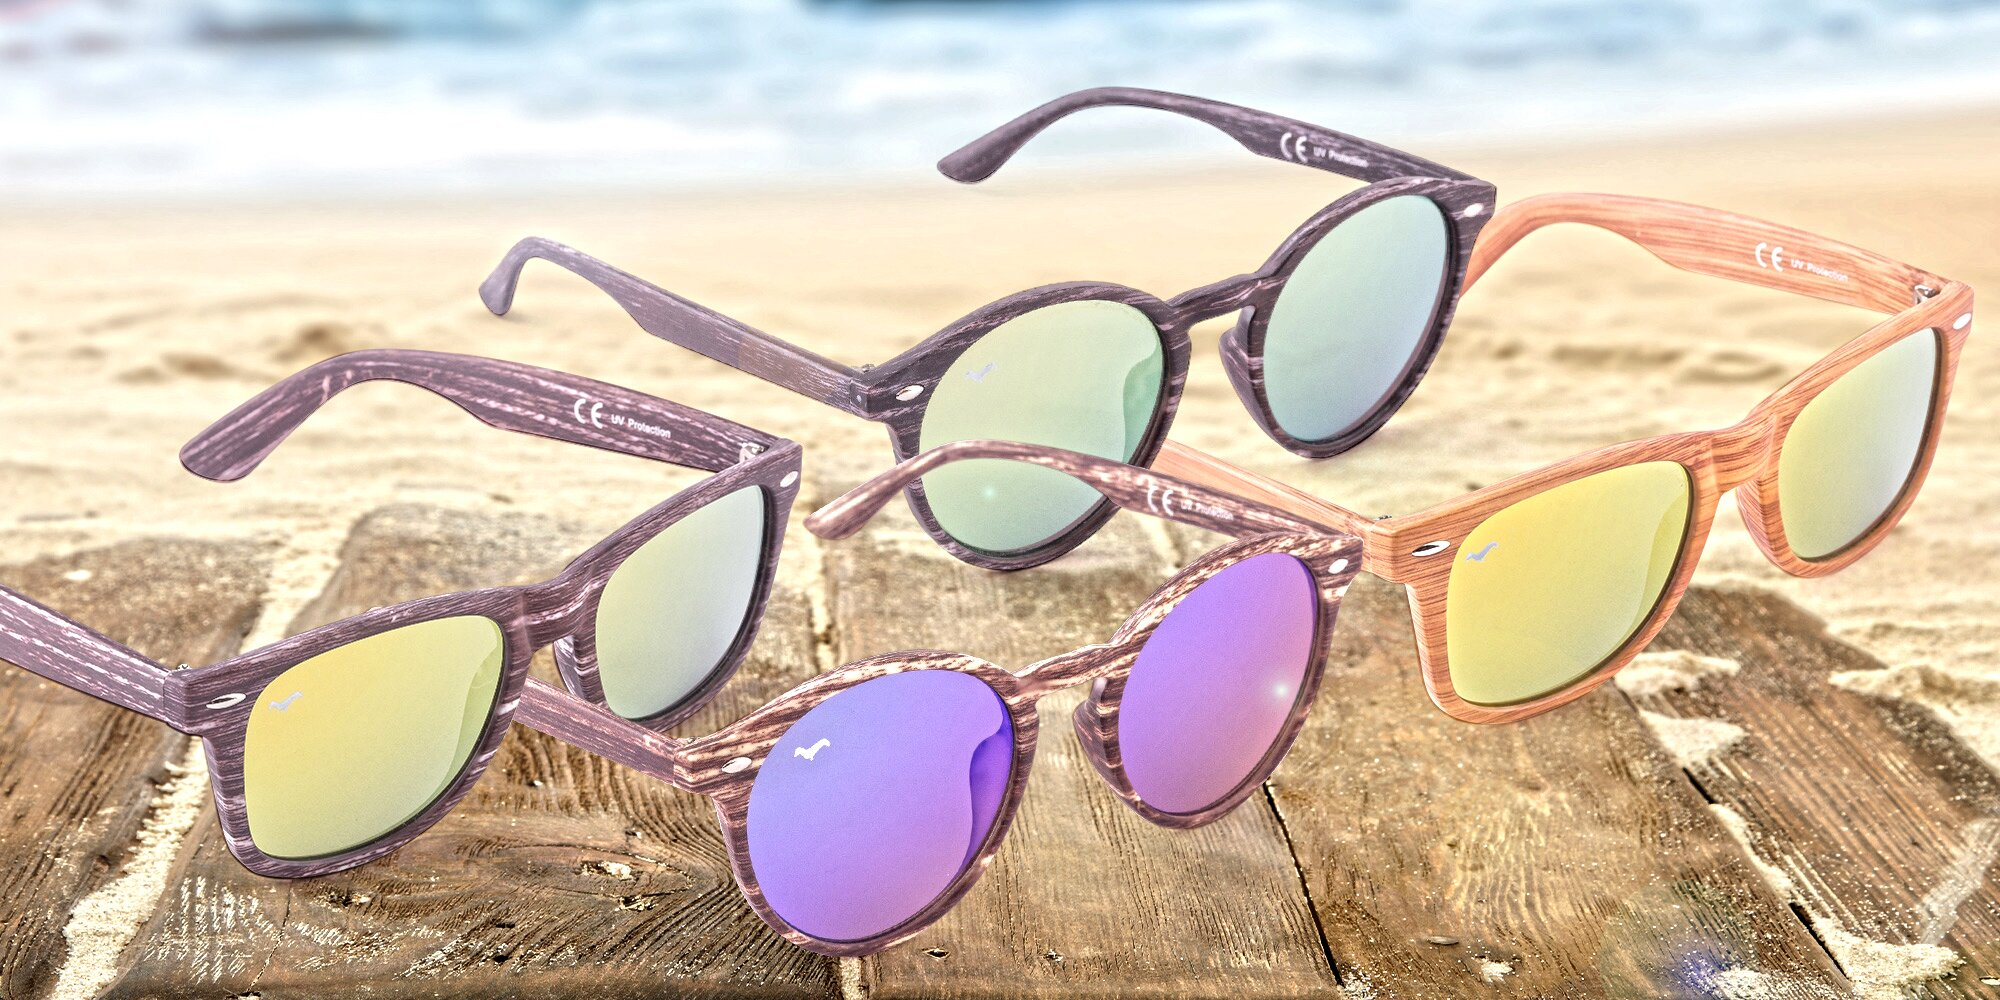 7f76e590a Originálne slnečné okuliare Wayfarer a Nyasa s imitáciou dreva | Zlavomat.sk